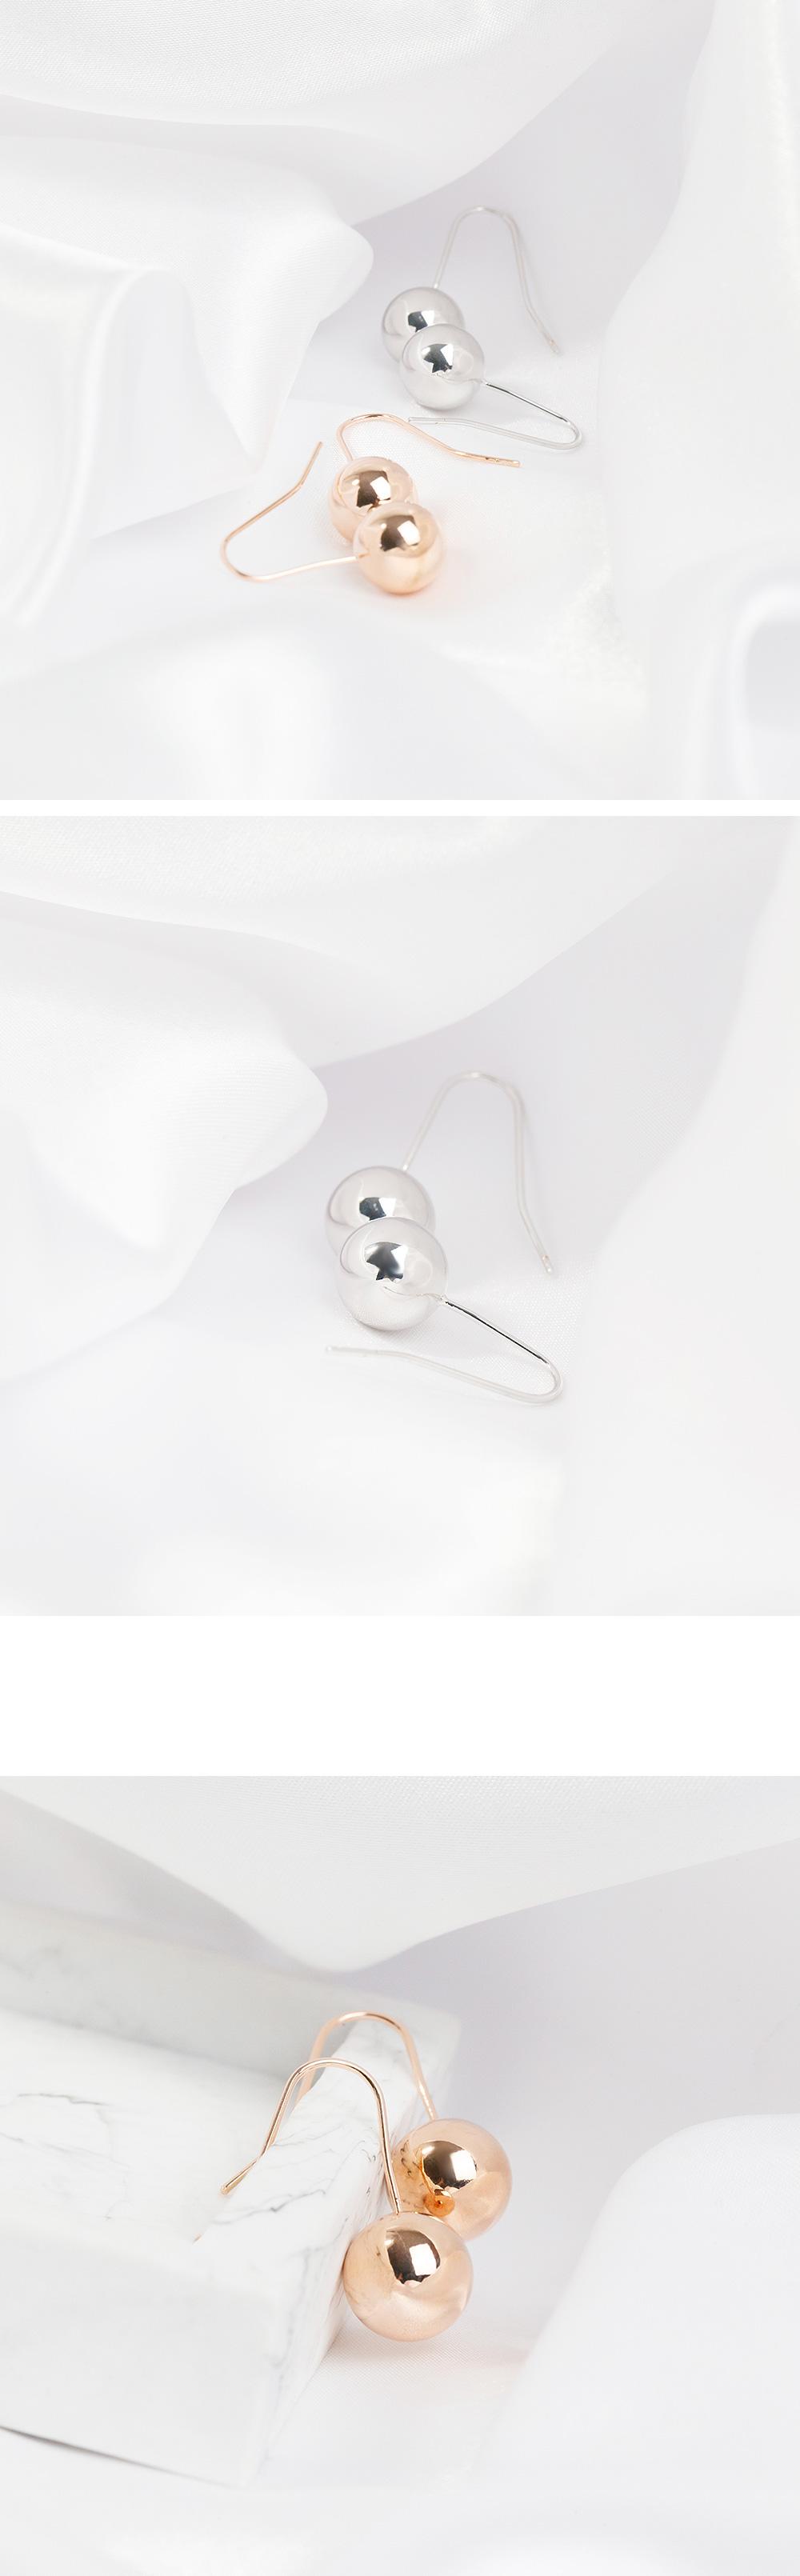 심플 벨 귀걸이 - 폭스타일, 6,000원, 실버, 볼귀걸이